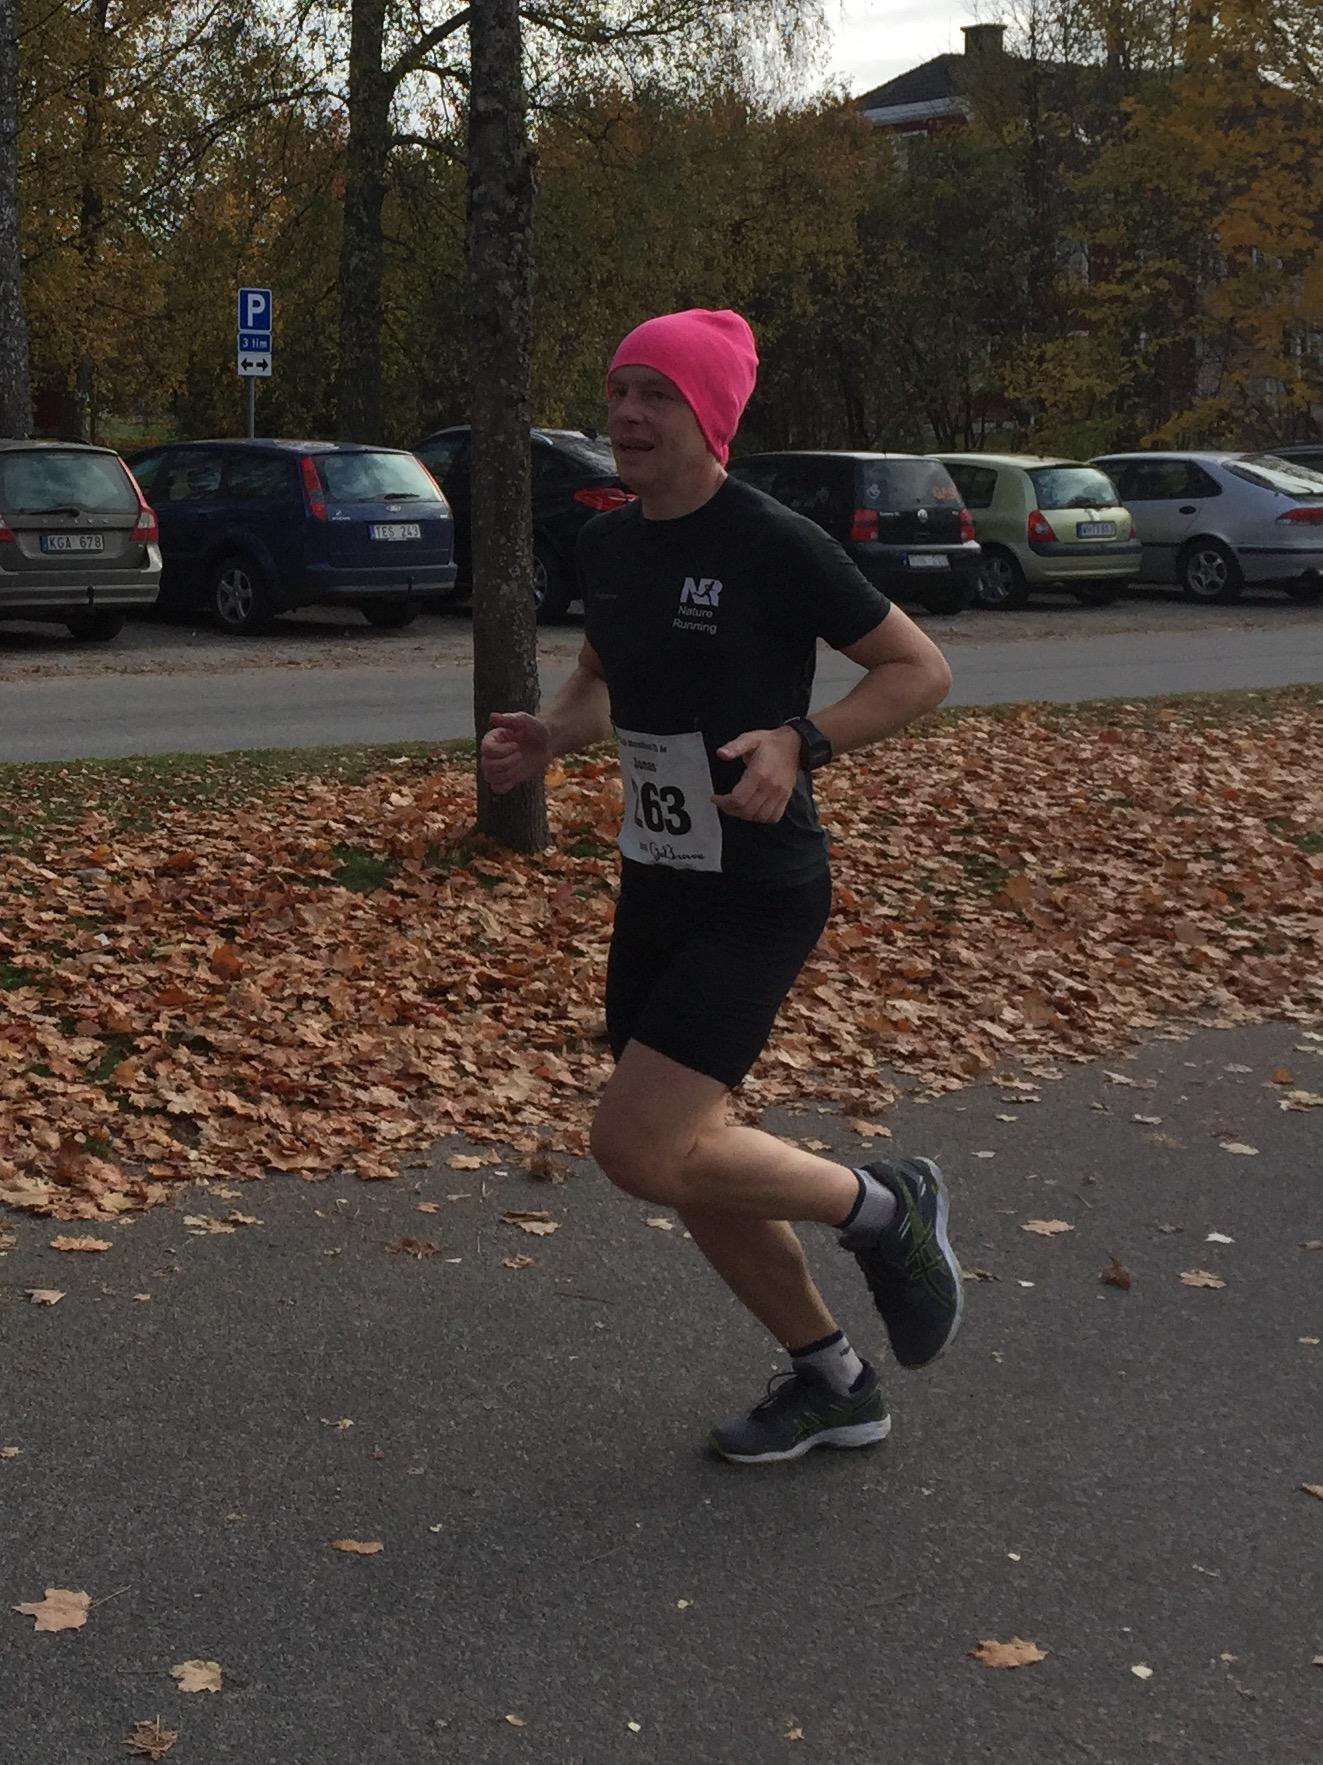 öka hastigheten löpning